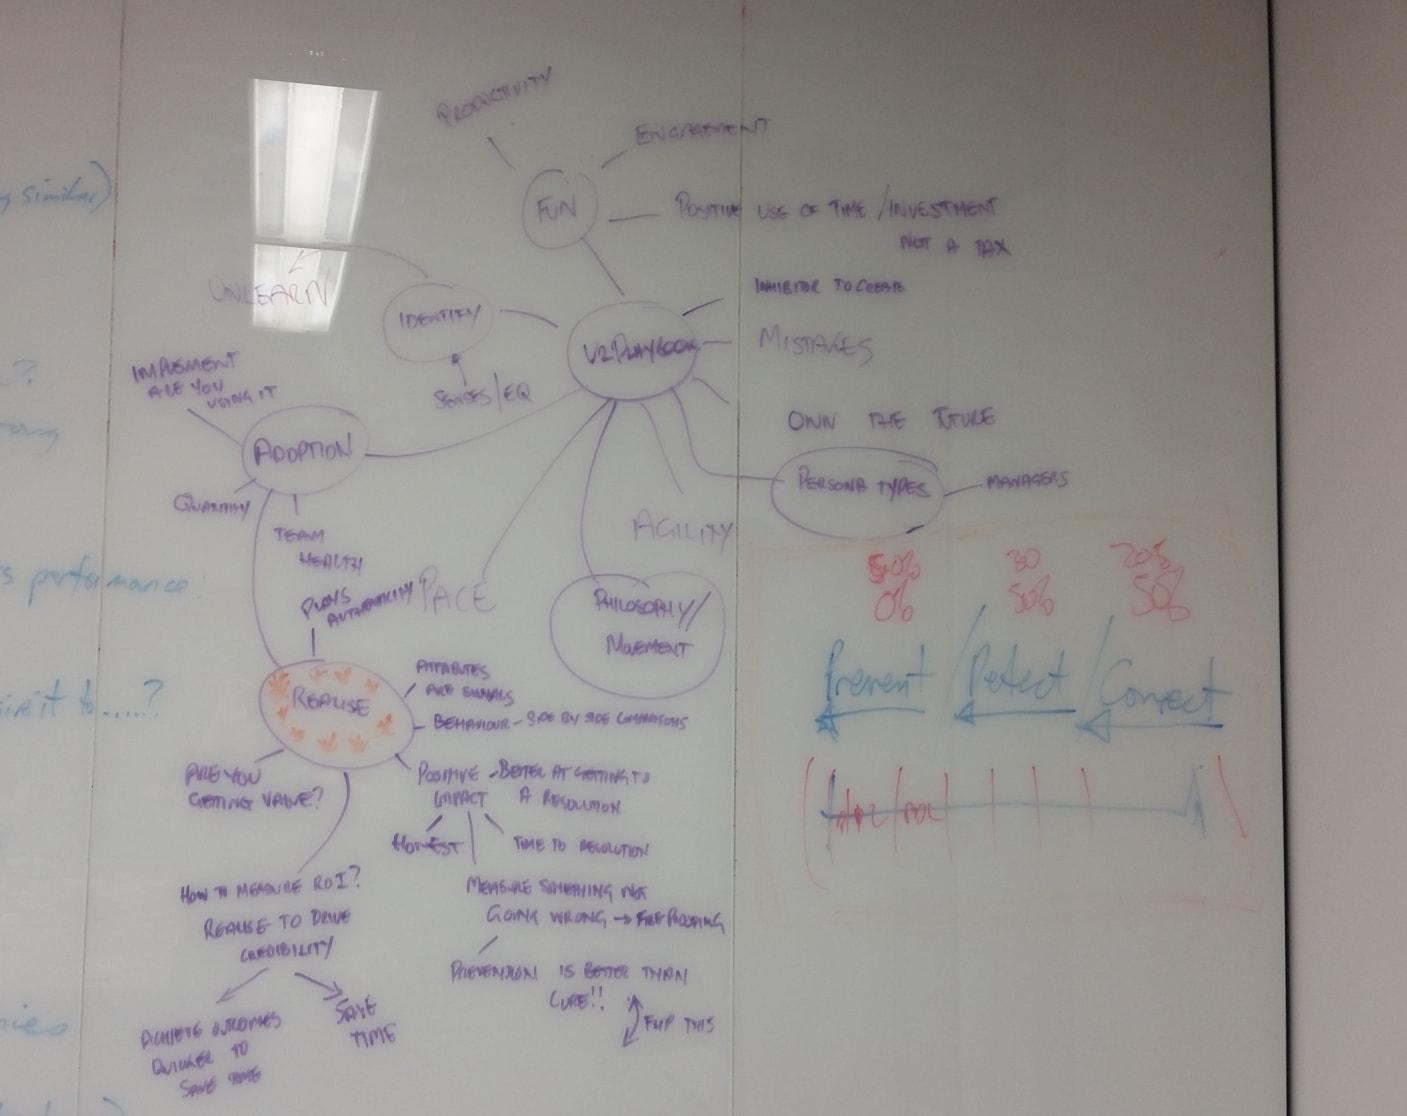 Beispiel aus einer Mind-Mapping-Sitzung in der Gruppe.